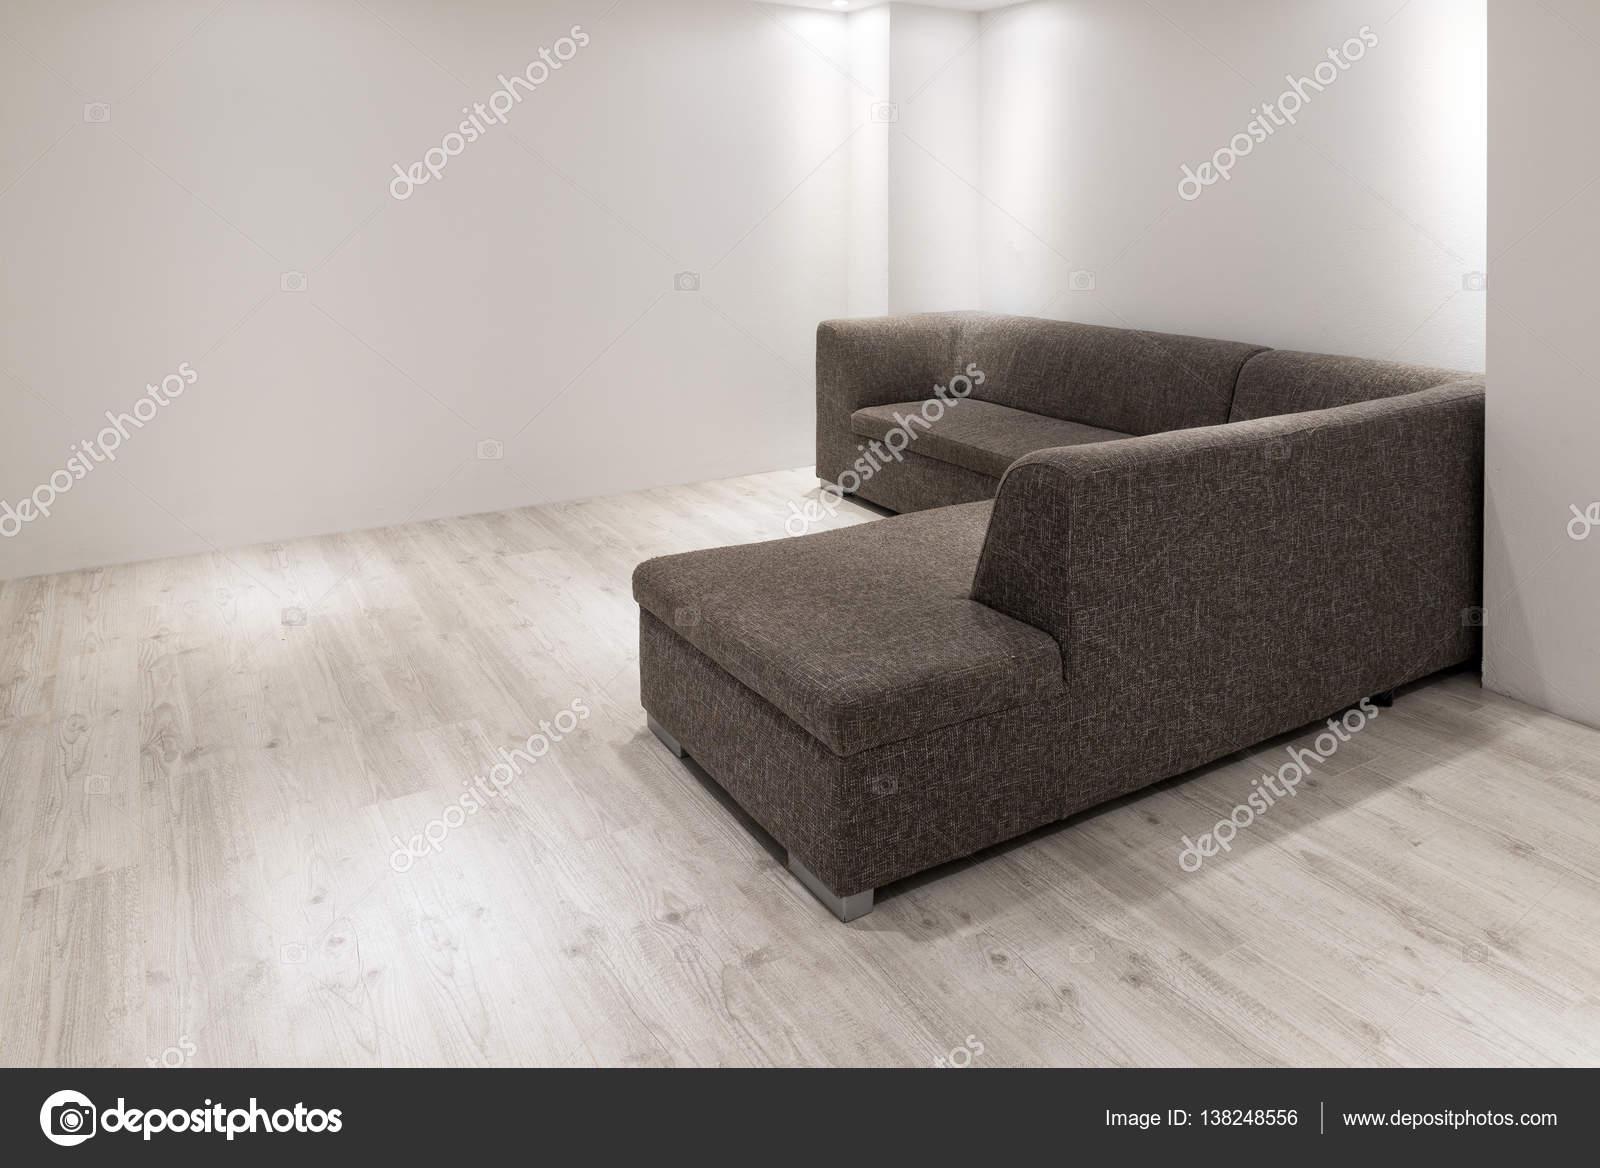 Design Bank Met Chaise Longue.Bank Met Chaise Longue In Lege Gerenoveerd Appartement Stockfoto